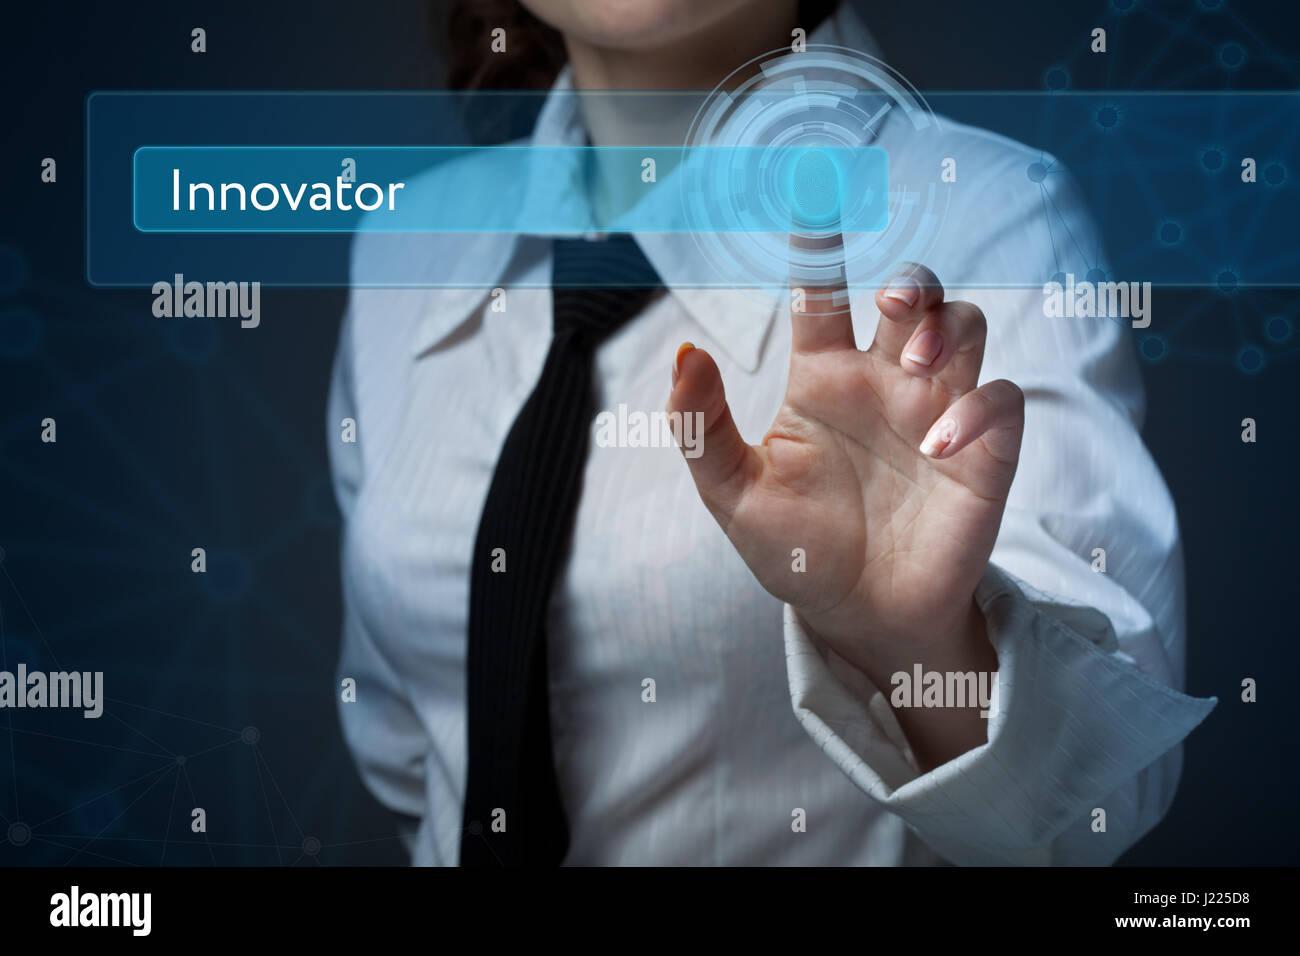 Business, Technologie, Internet und Networking-Konzept. Business-Frau drückt eine Taste auf dem virtuellen Stockbild